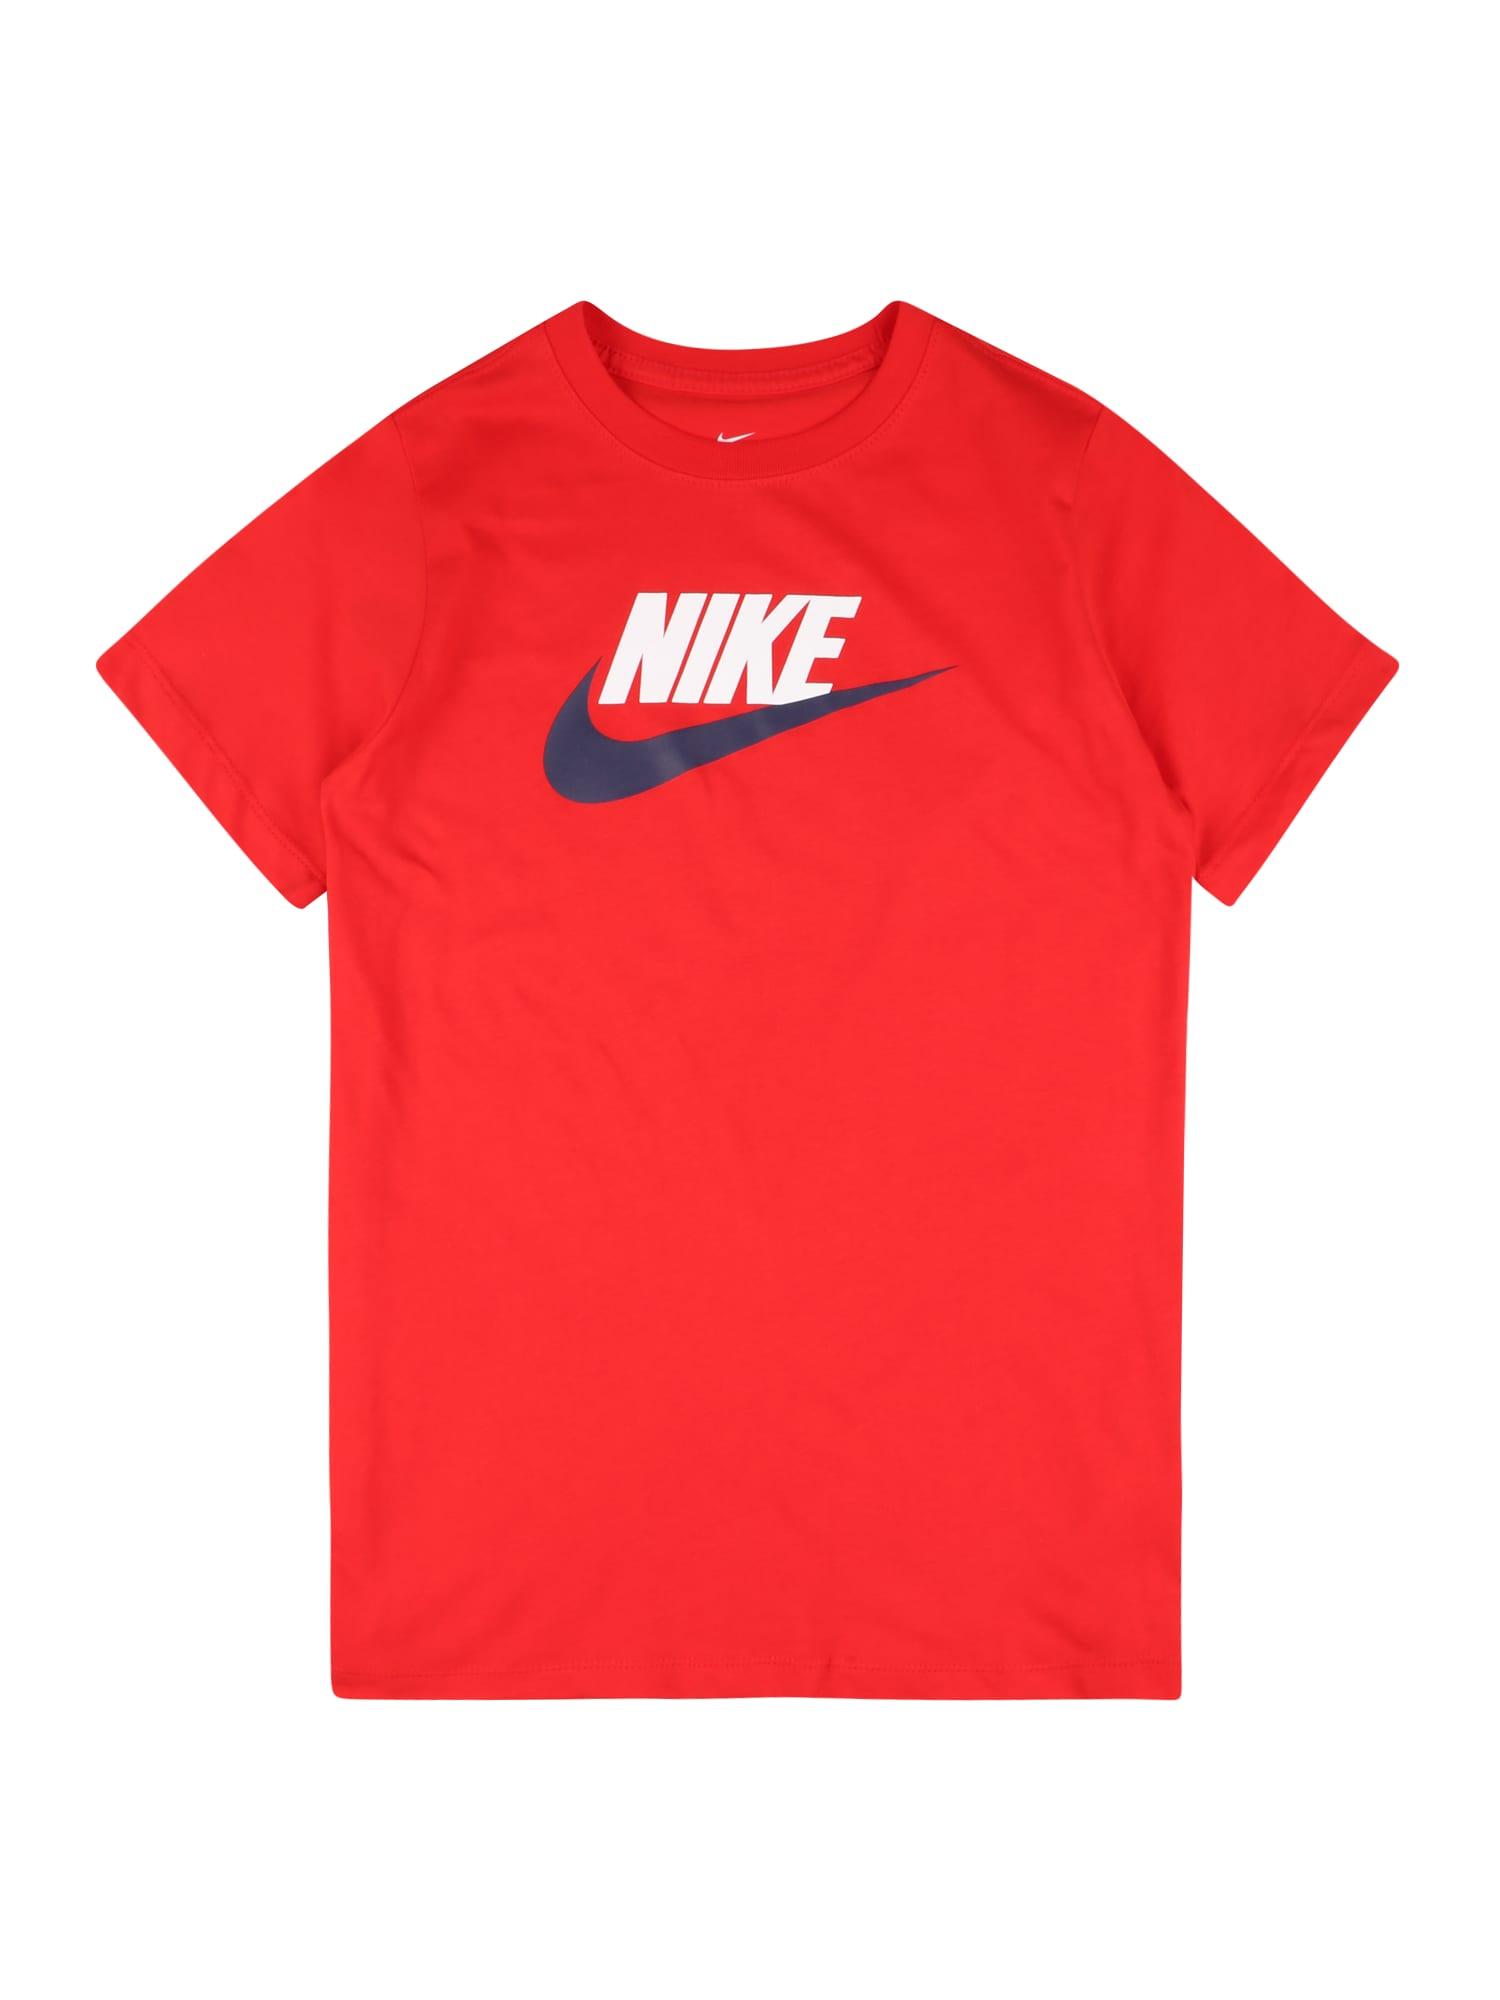 Nike Sportswear Tričko 'FUTURA'  bílá / červená / námořnická modř